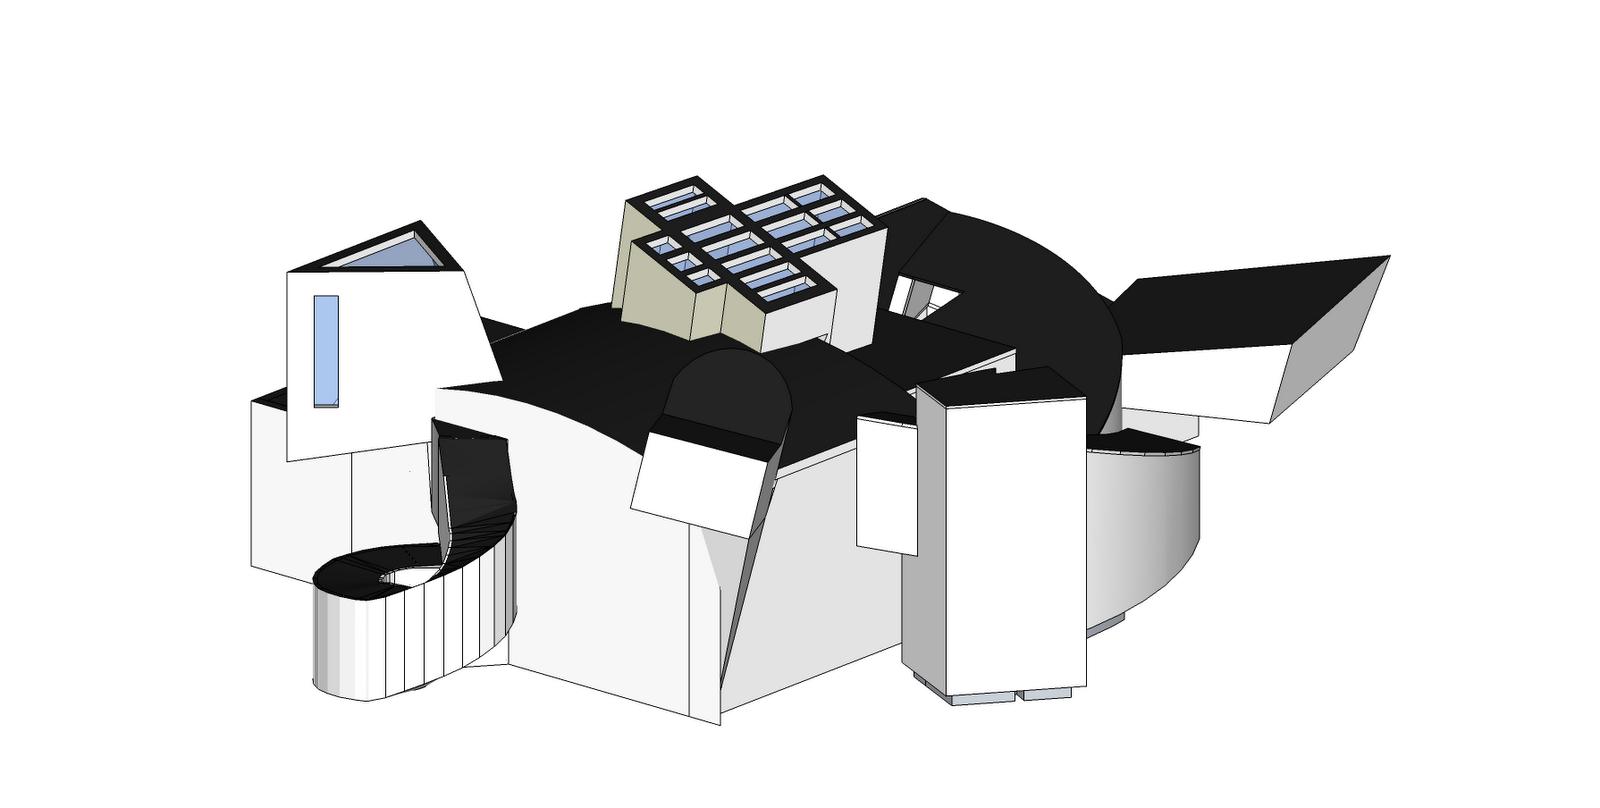 daniel tides arch 1390 2010 final vitra design 3d model. Black Bedroom Furniture Sets. Home Design Ideas